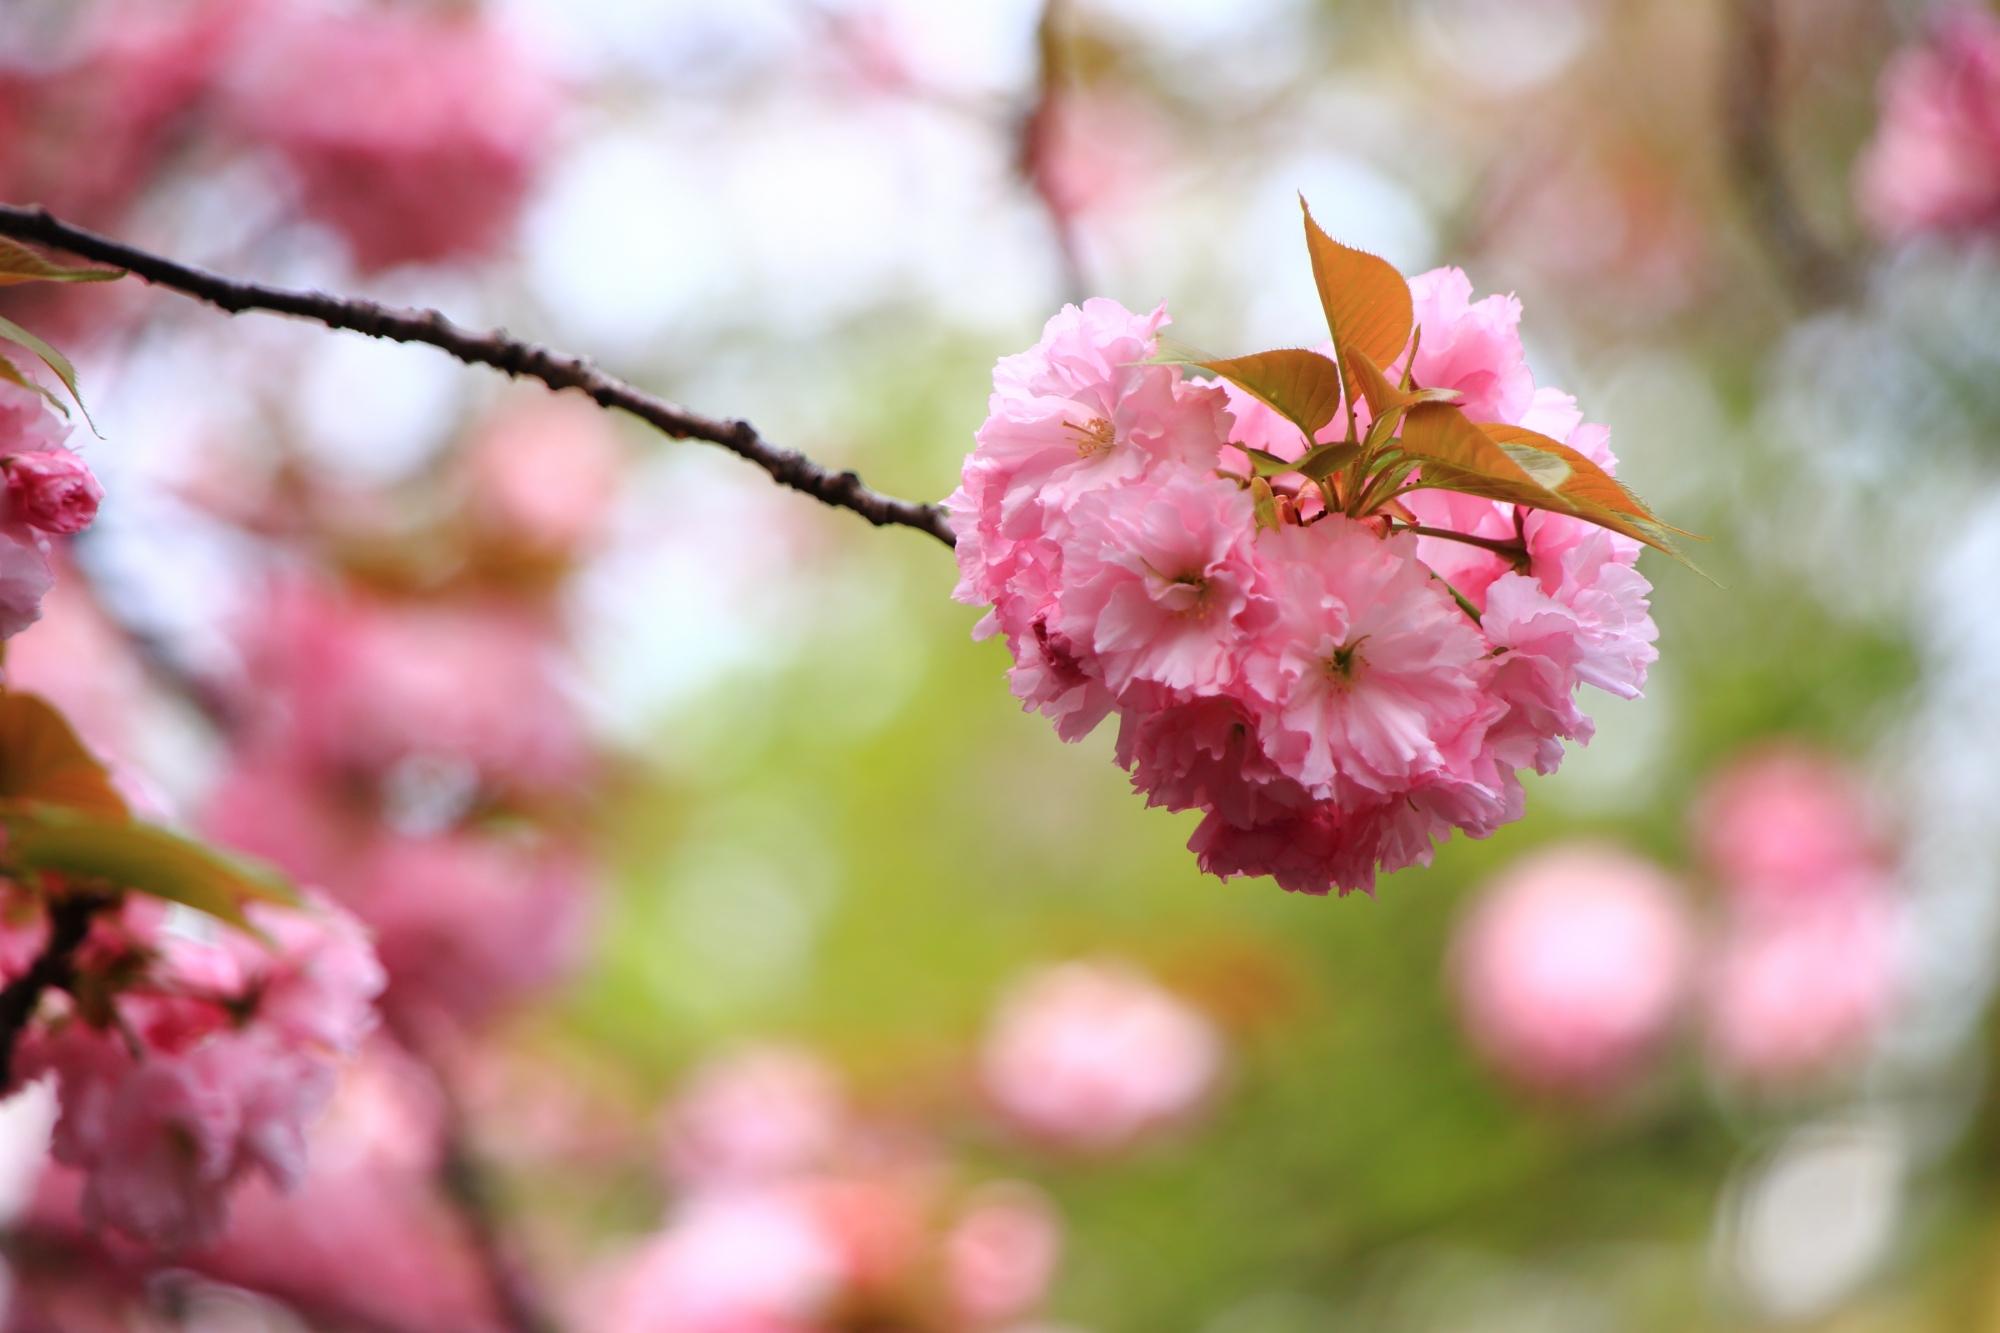 ボールのように丸くてモコモコした桜